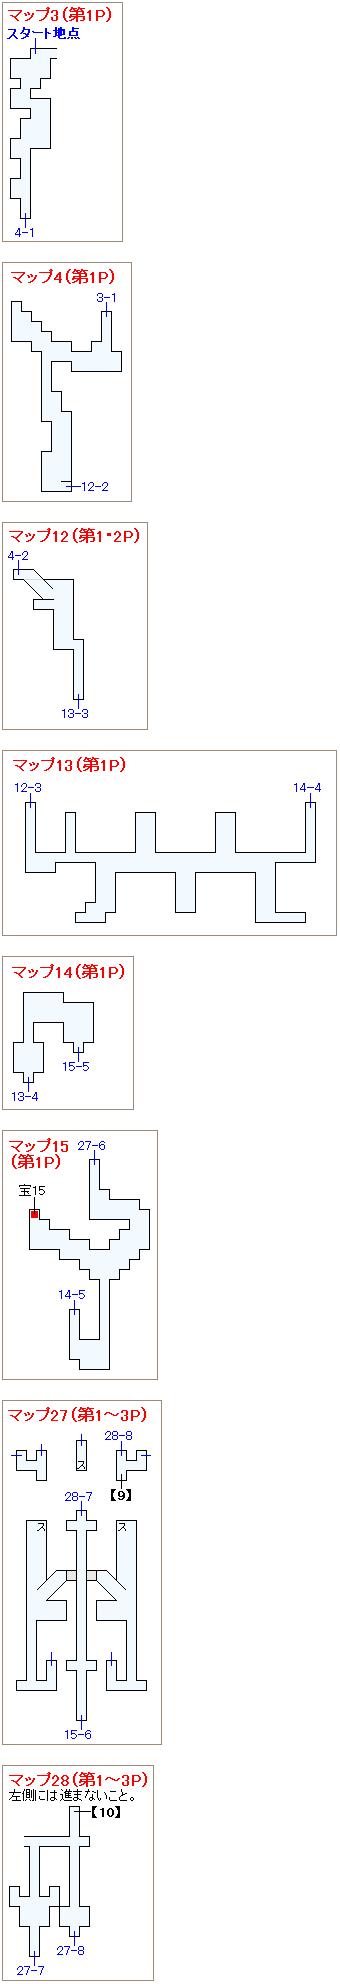 瓦礫の塔攻略チャート・瓦礫の塔マップ画像(8)